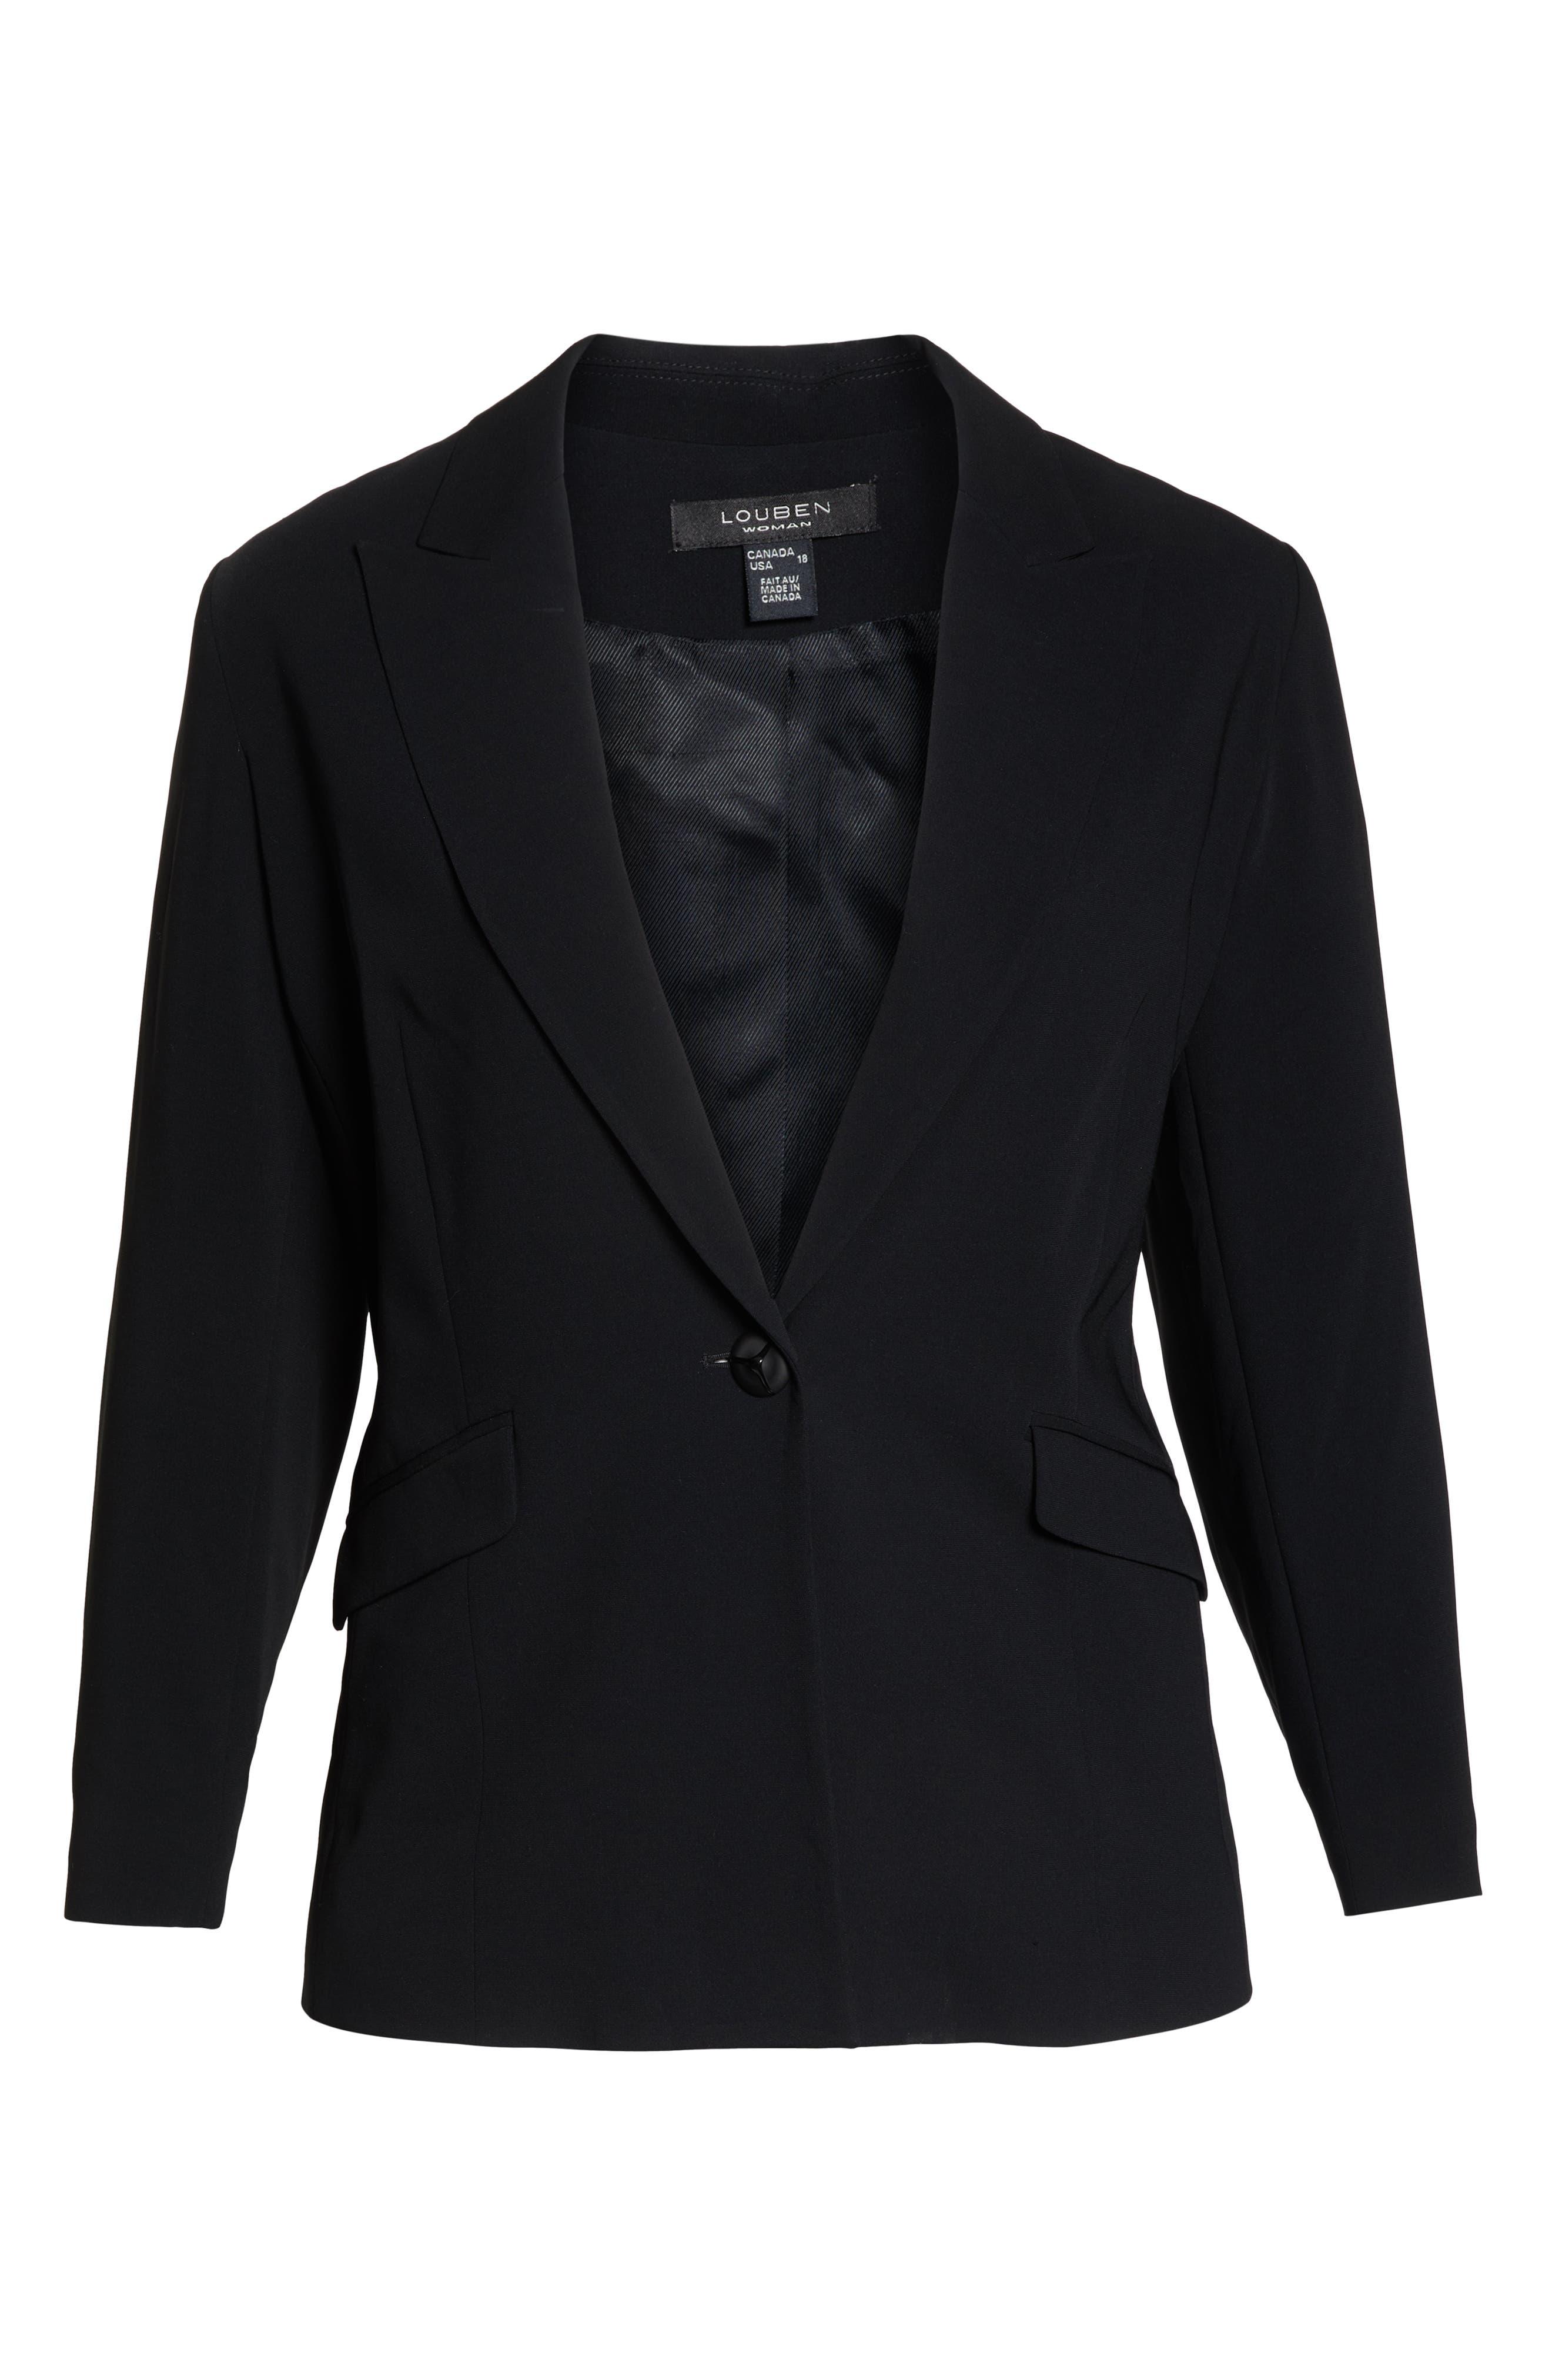 LOUBEN,                             Peak Lapel Suit Jacket,                             Alternate thumbnail 3, color,                             BLACK